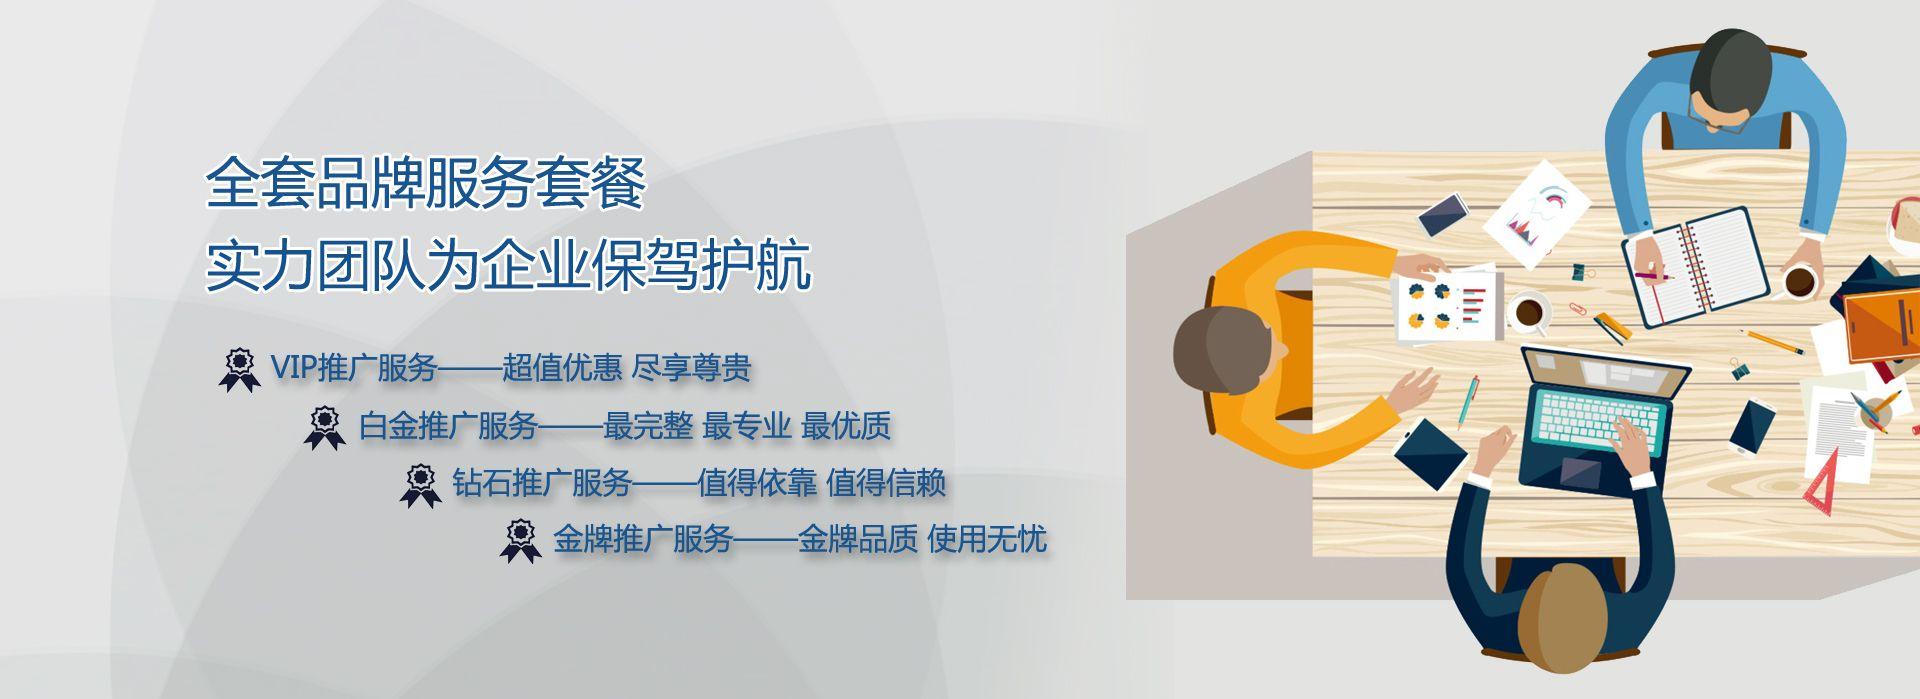 石家庄融创传媒有限公司为客户提供外贸网站套餐服务